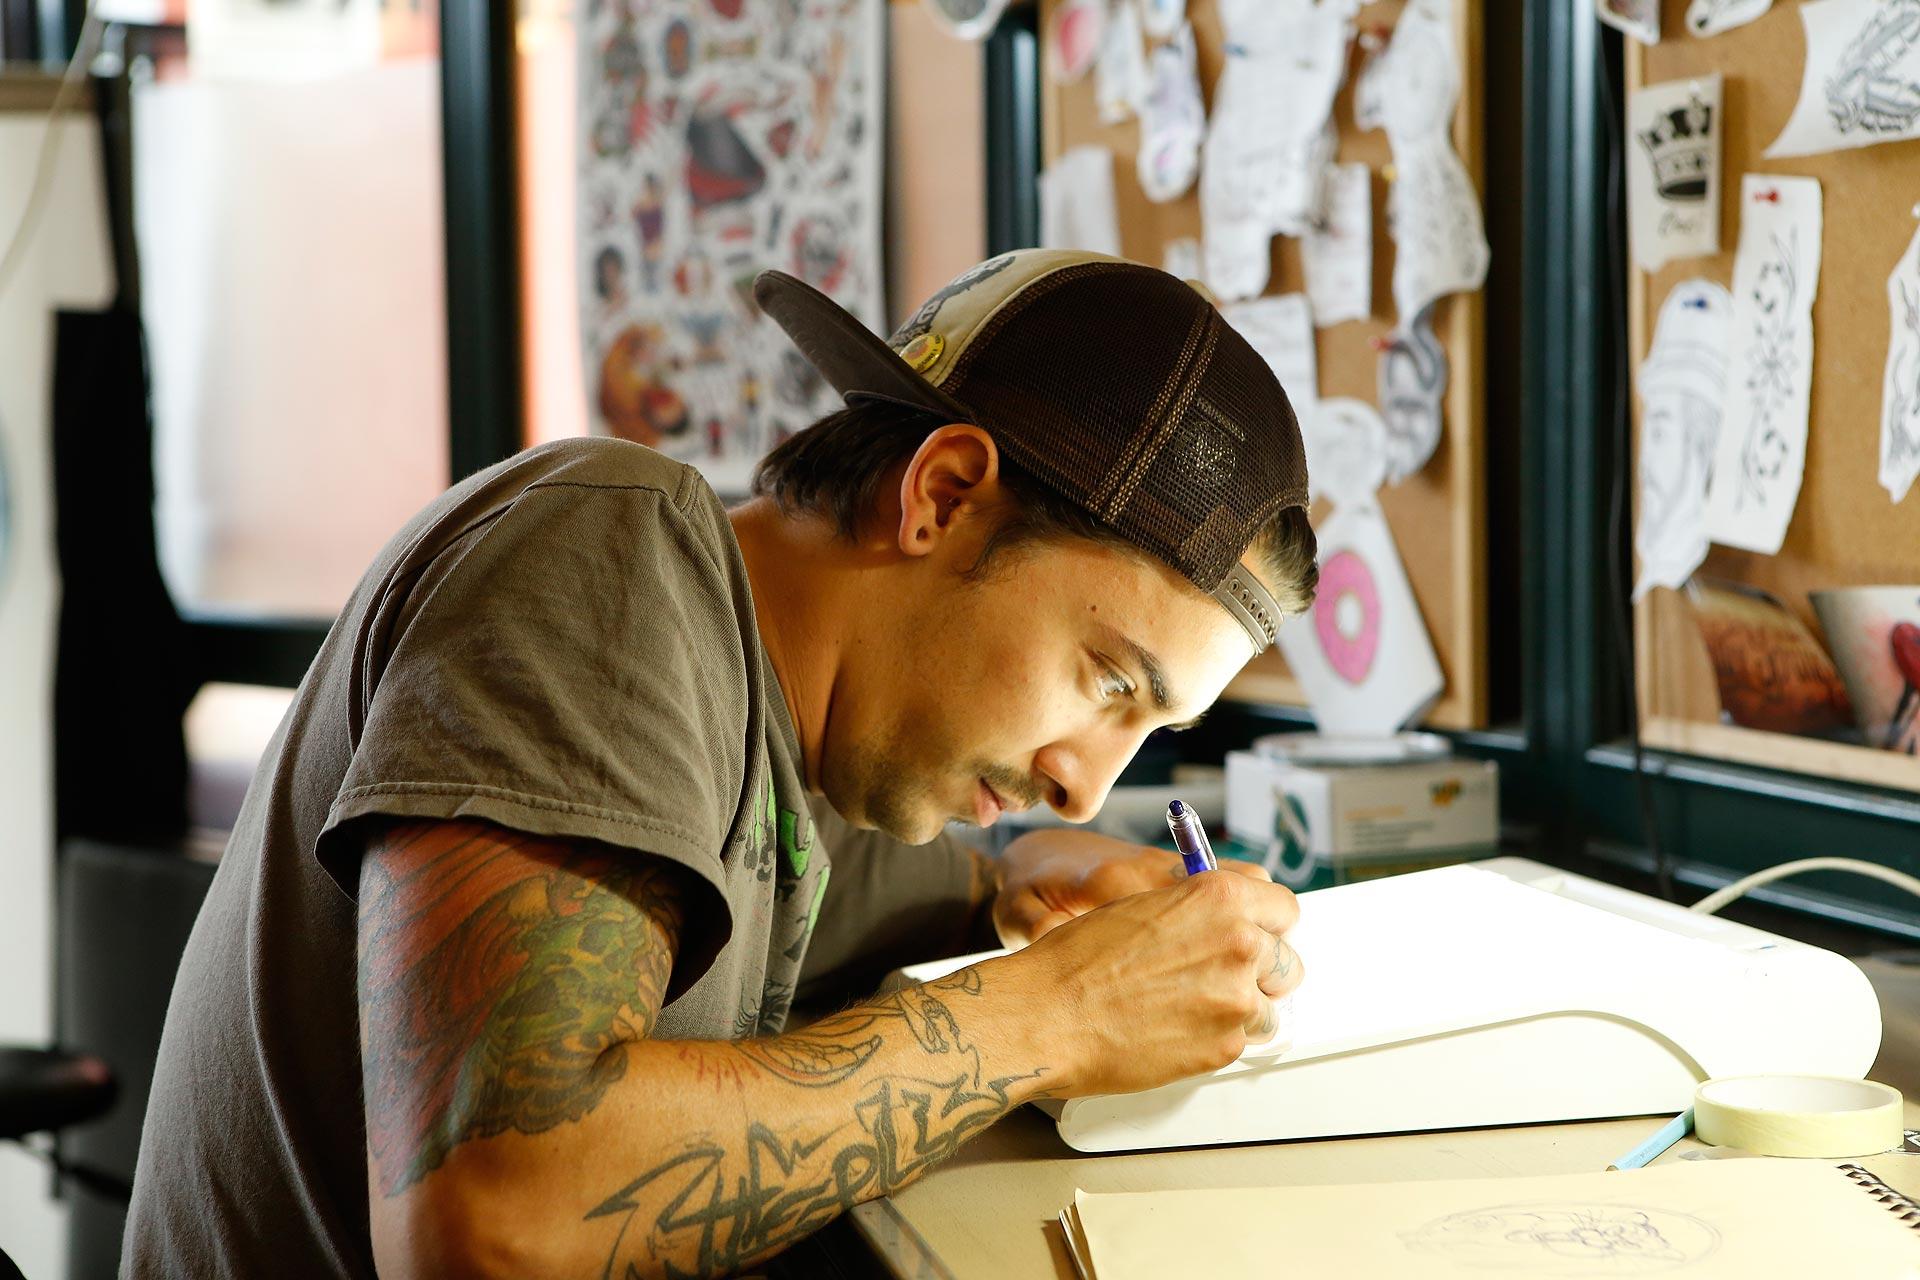 Tätowierer Philip Rost zeichnet die Skizze für das Tattoo.